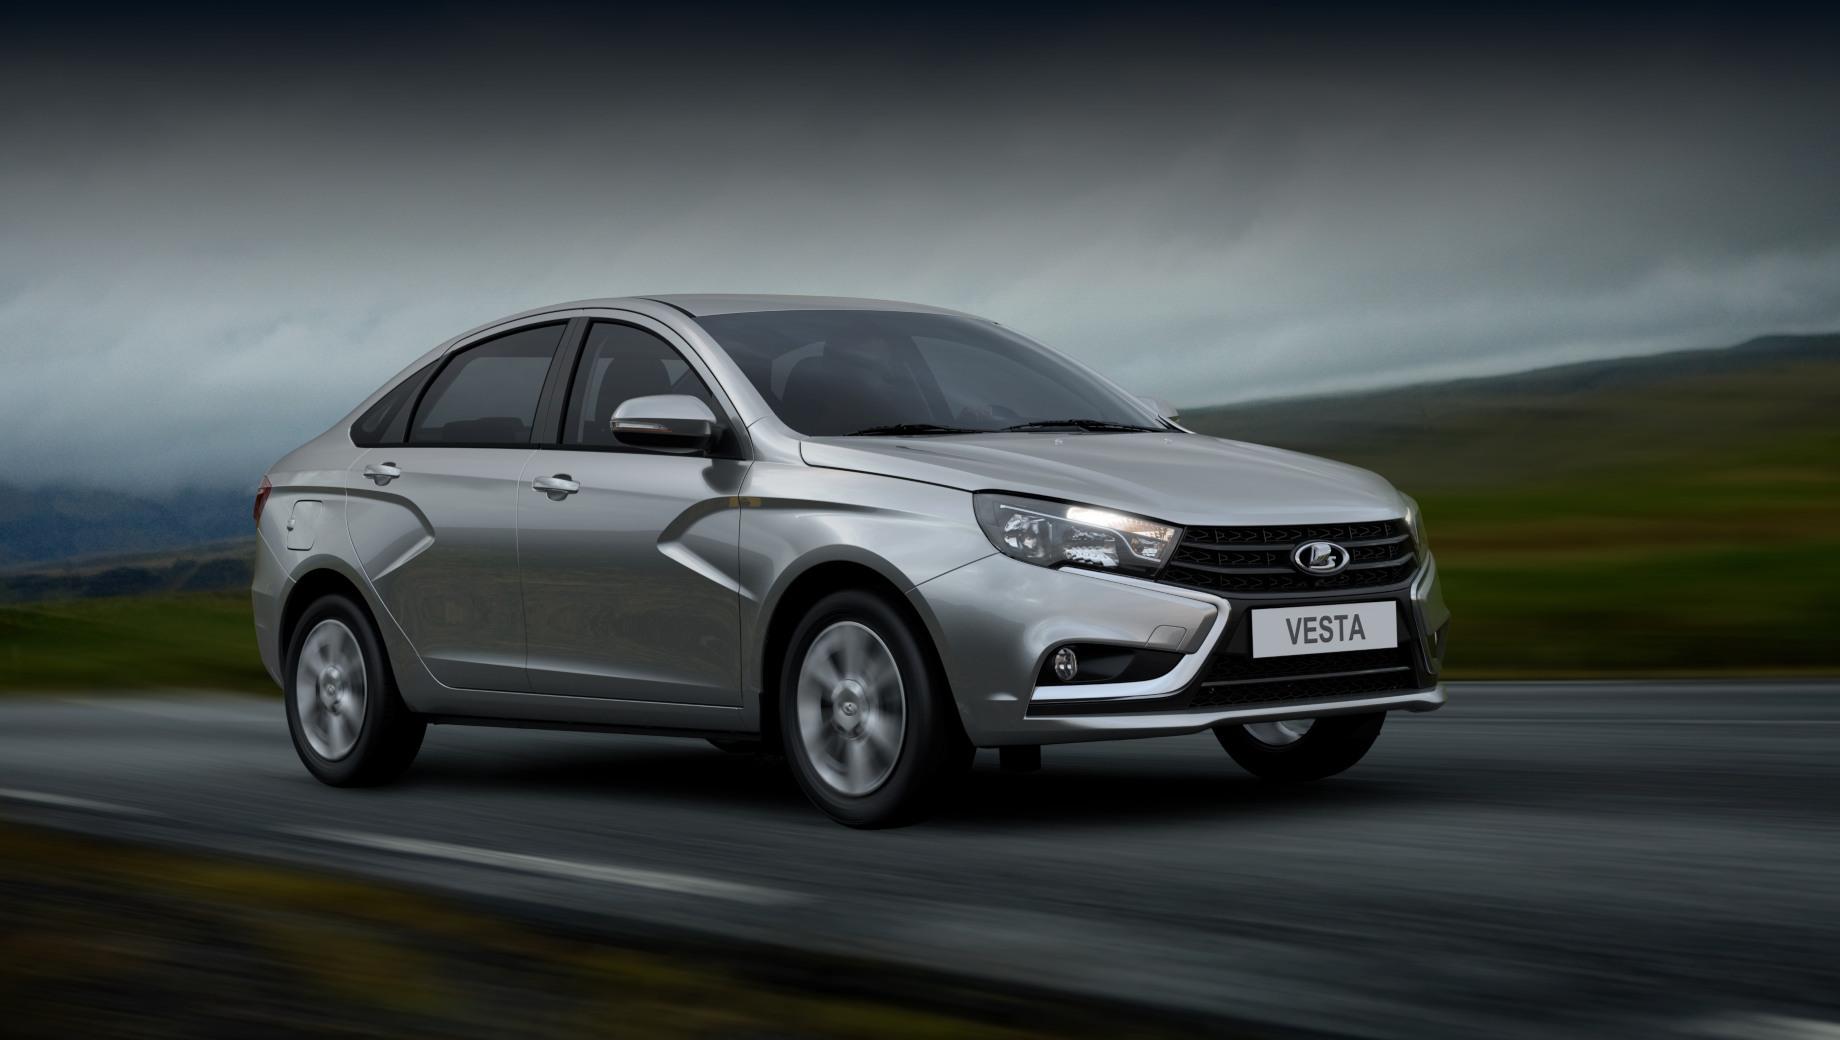 АвтоВАЗ обнародовал основные направления развития моделей